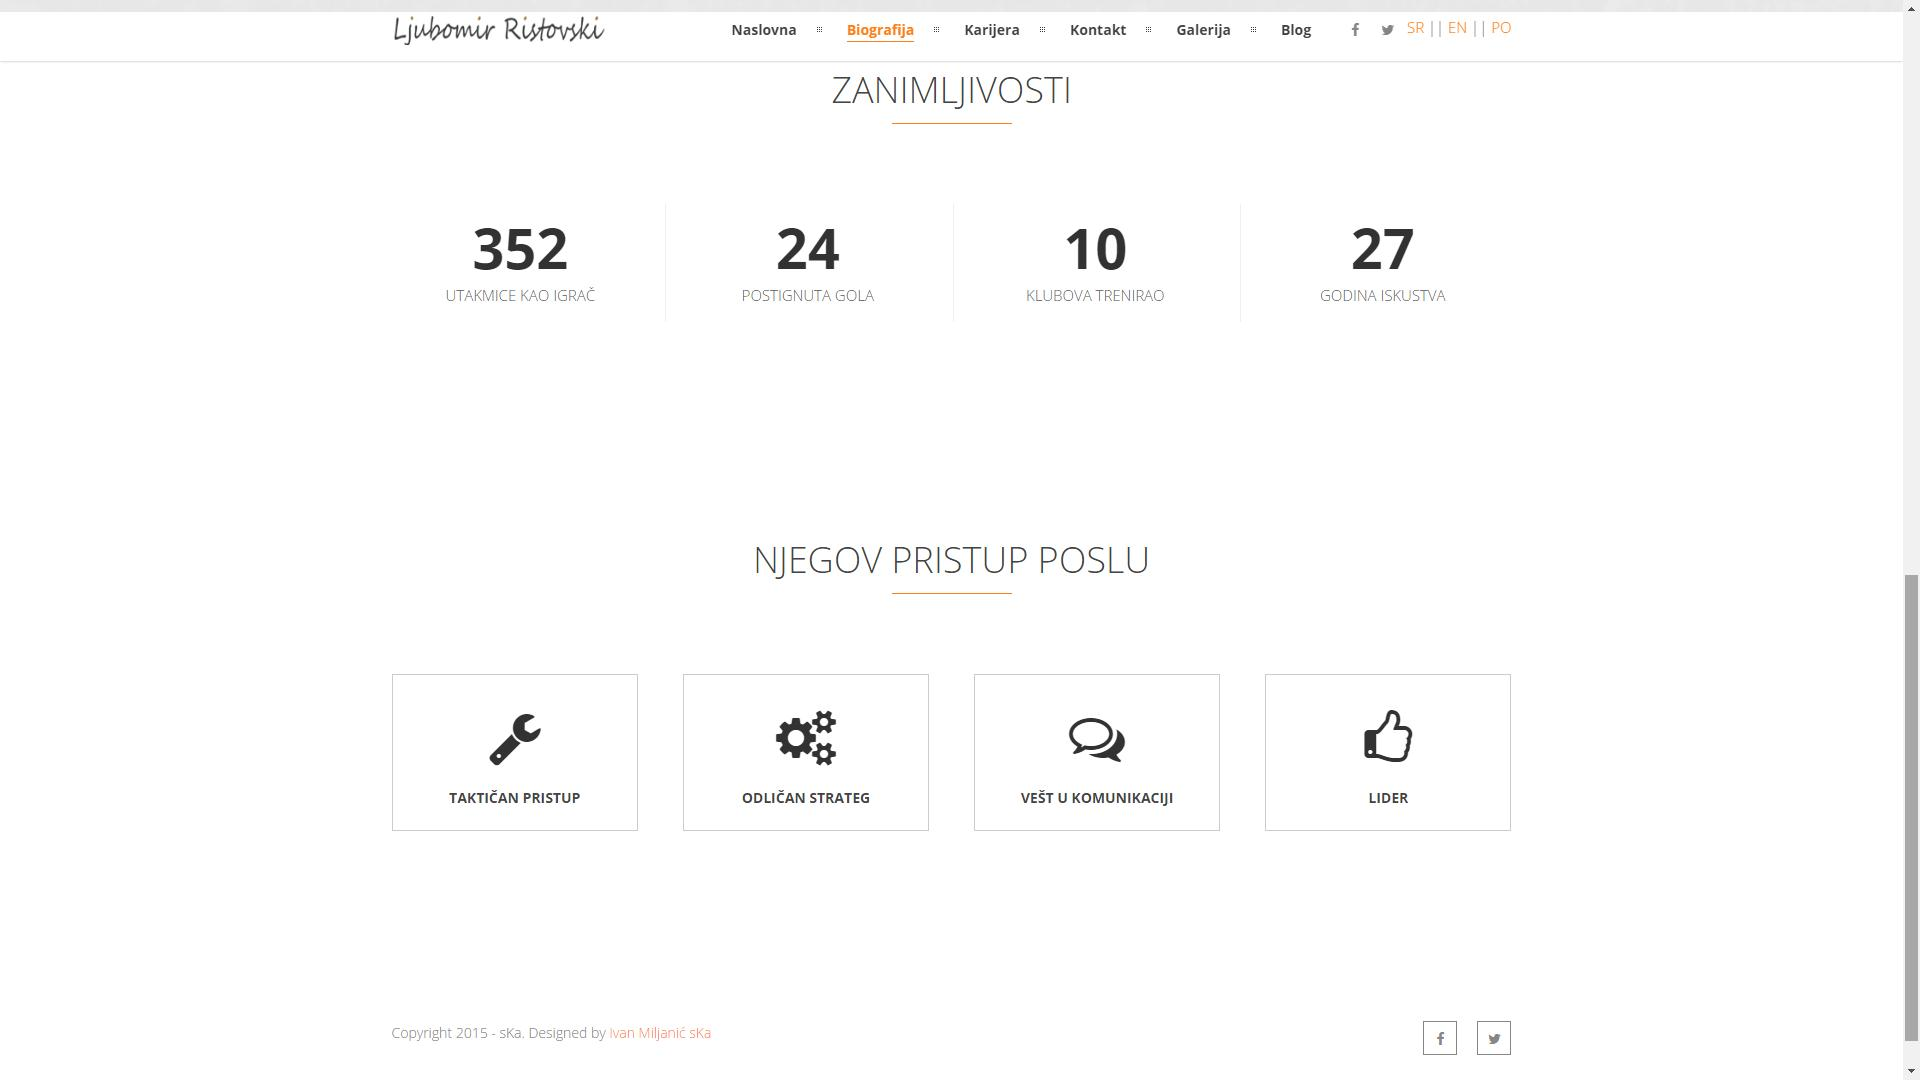 ljubomirristovski-ska-webdesign-ss3